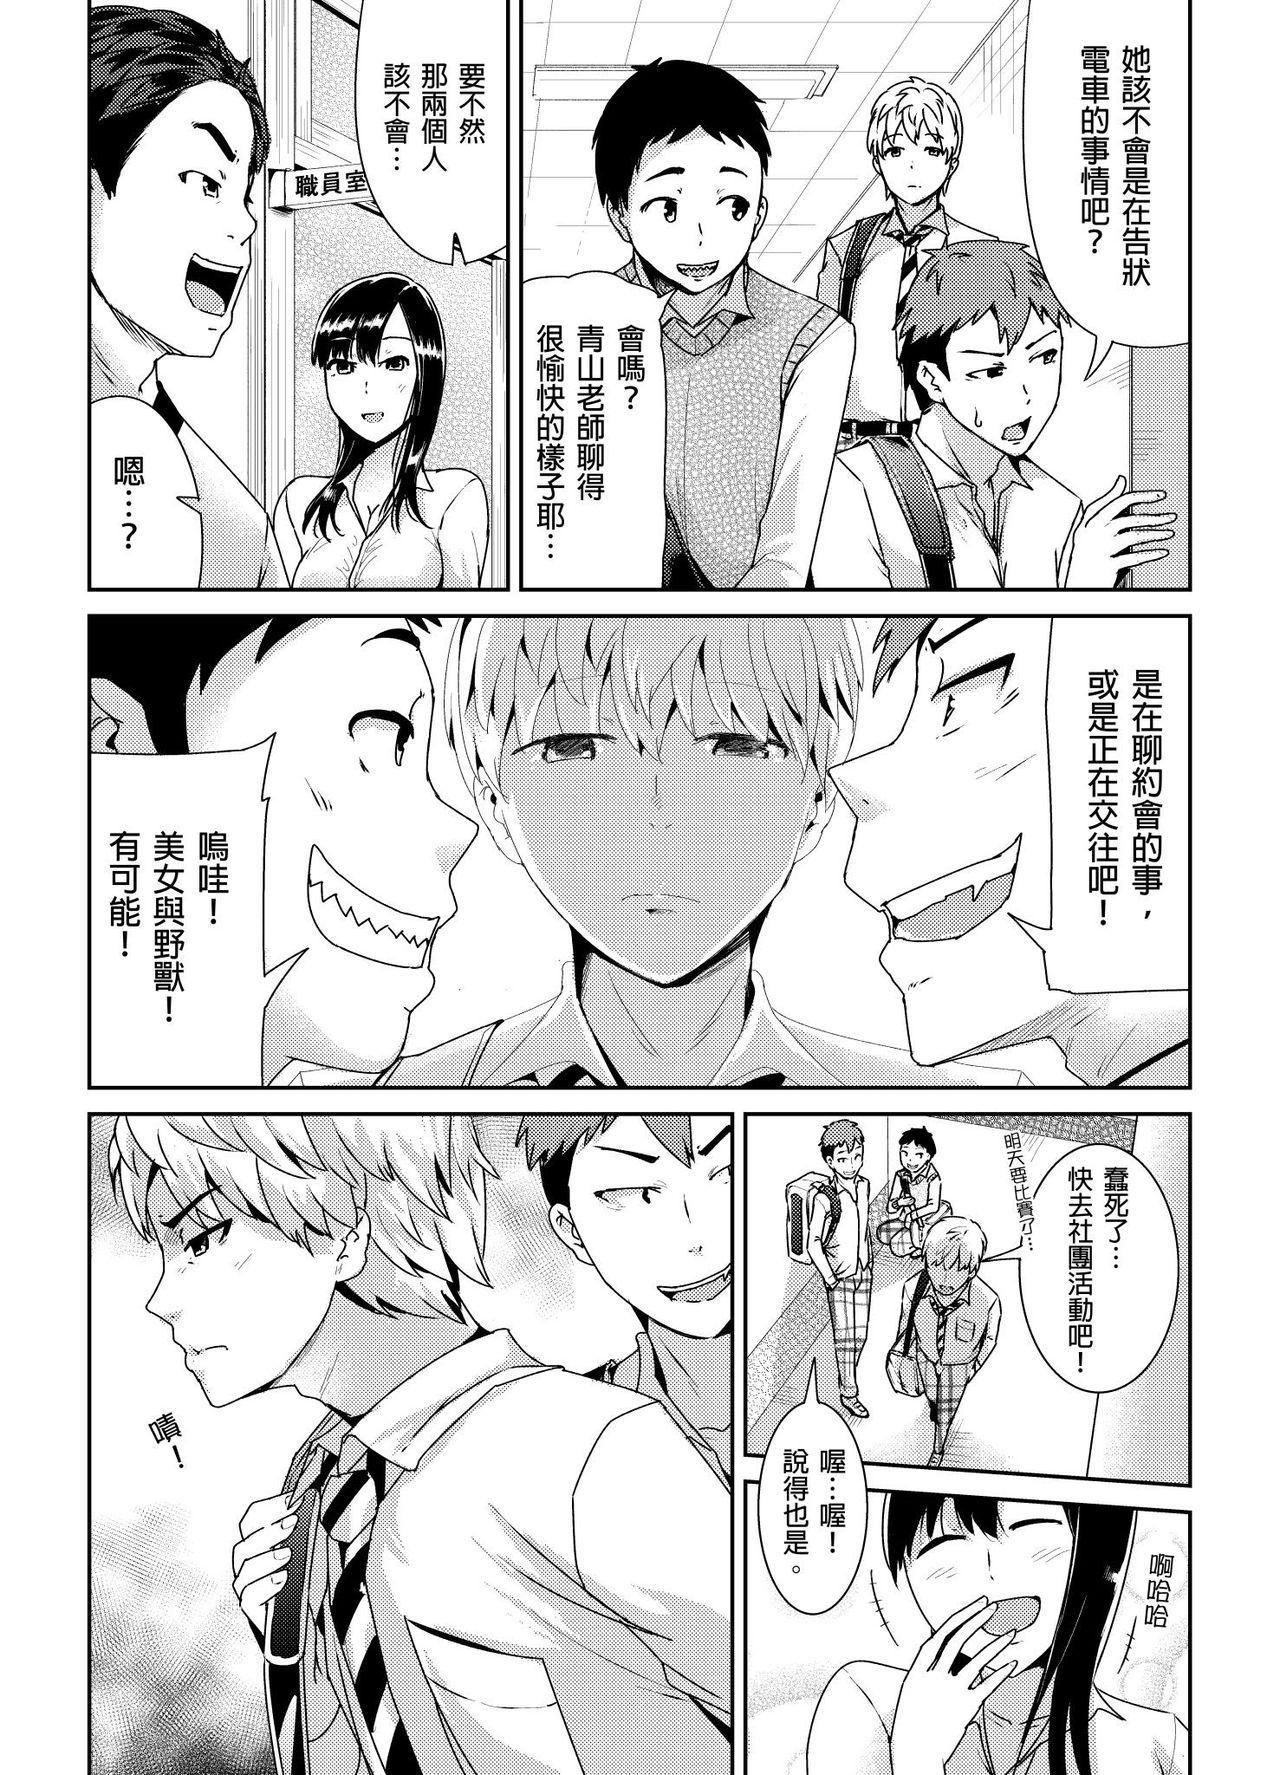 Shuudan Chikan ni Kakomarete Ganimata Iki Suru Onna Kyoushi Ch. 2 4